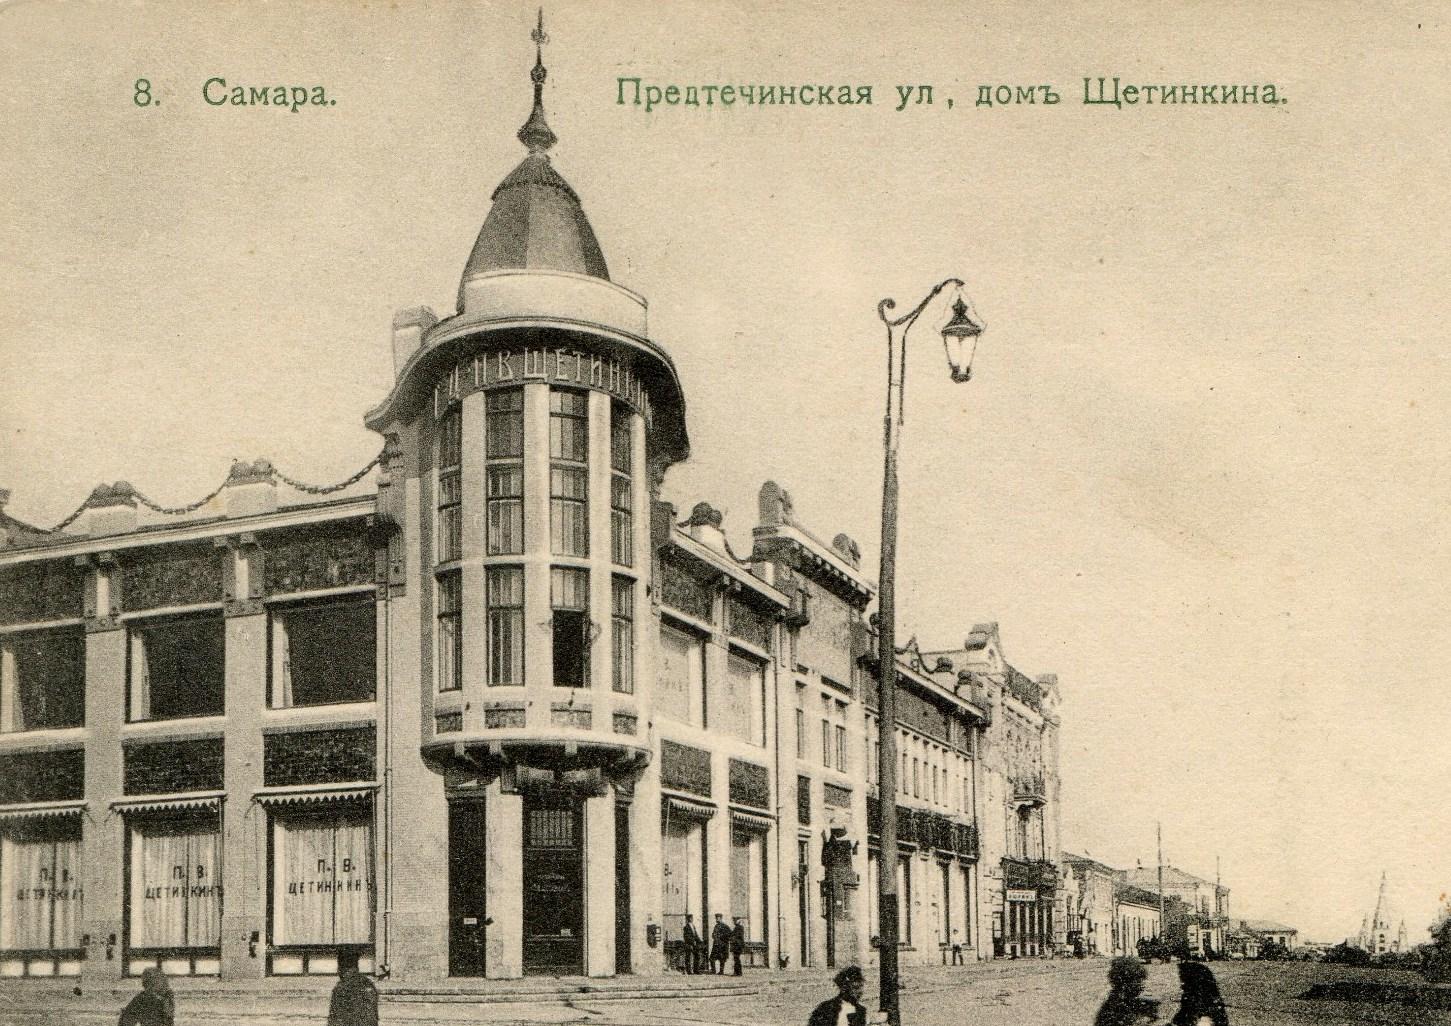 Дом Щетинкина